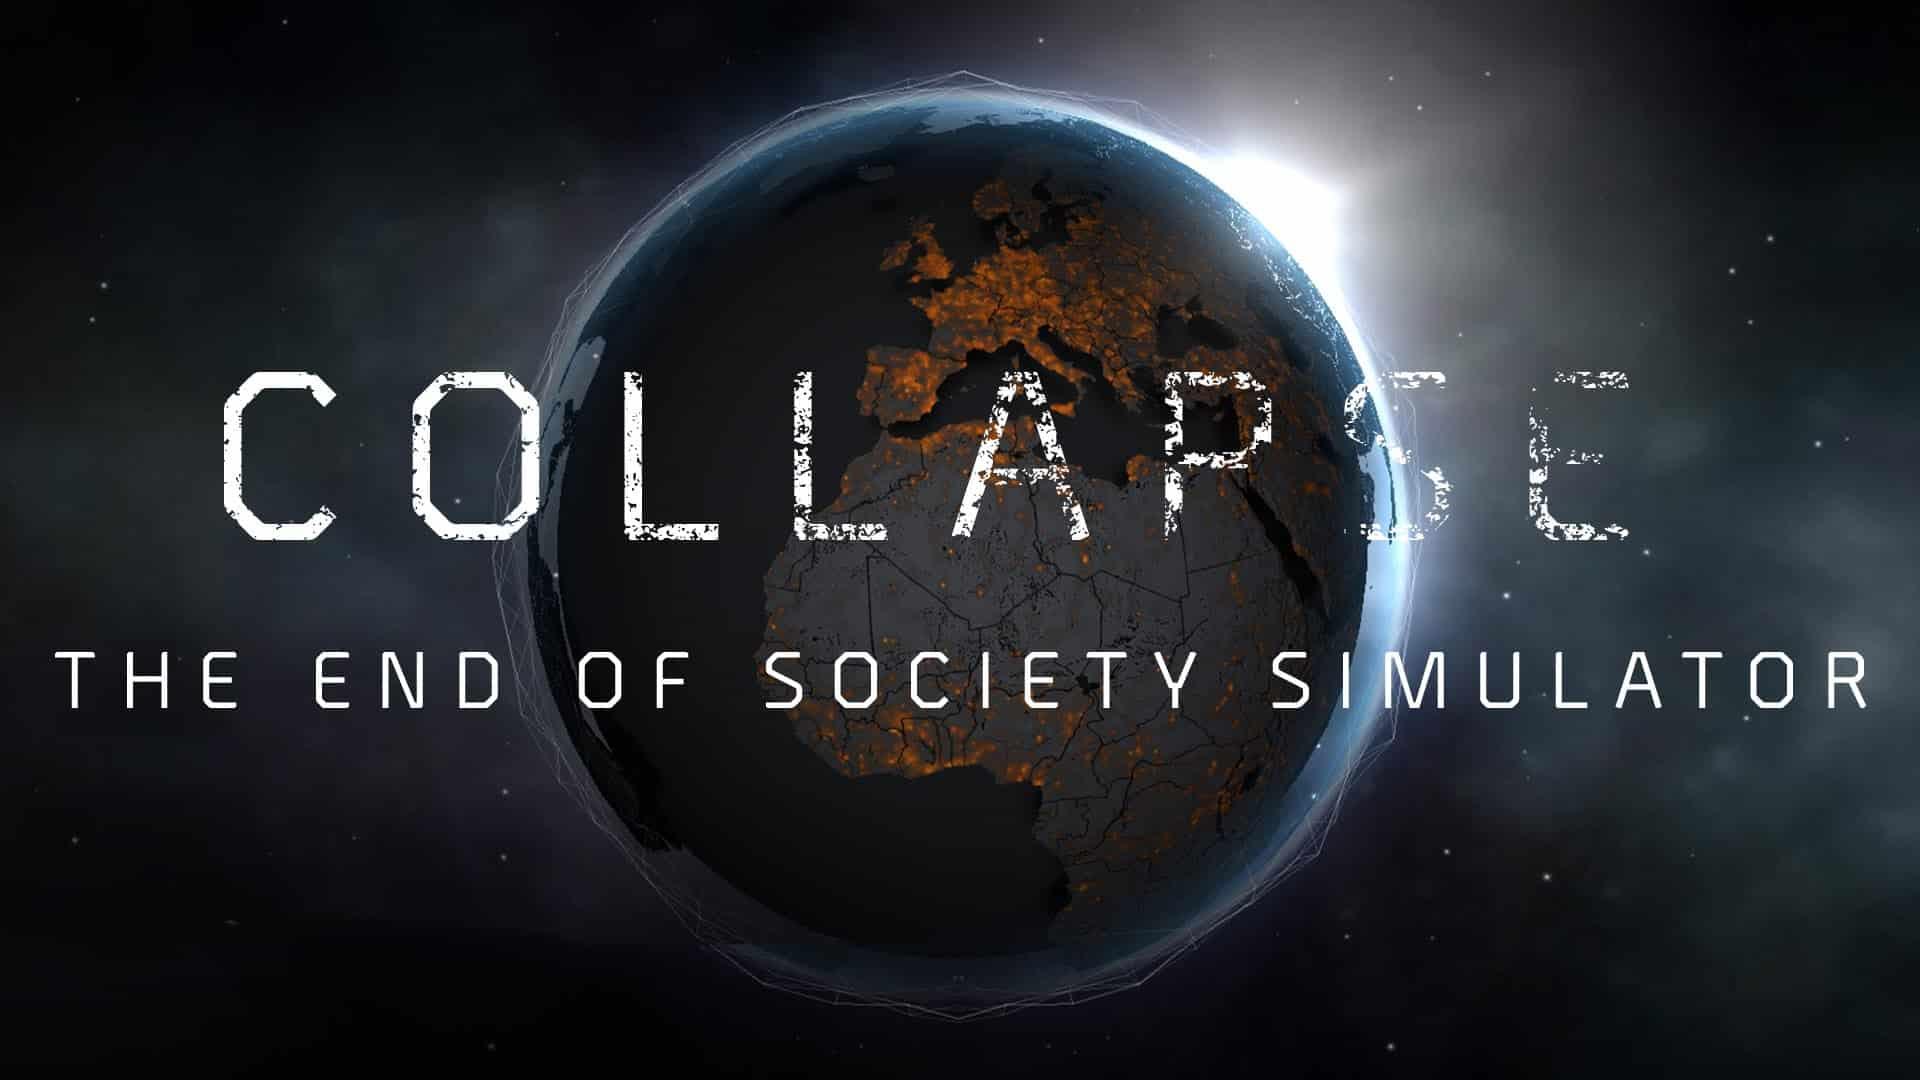 The division, un simulatore di crollo della società